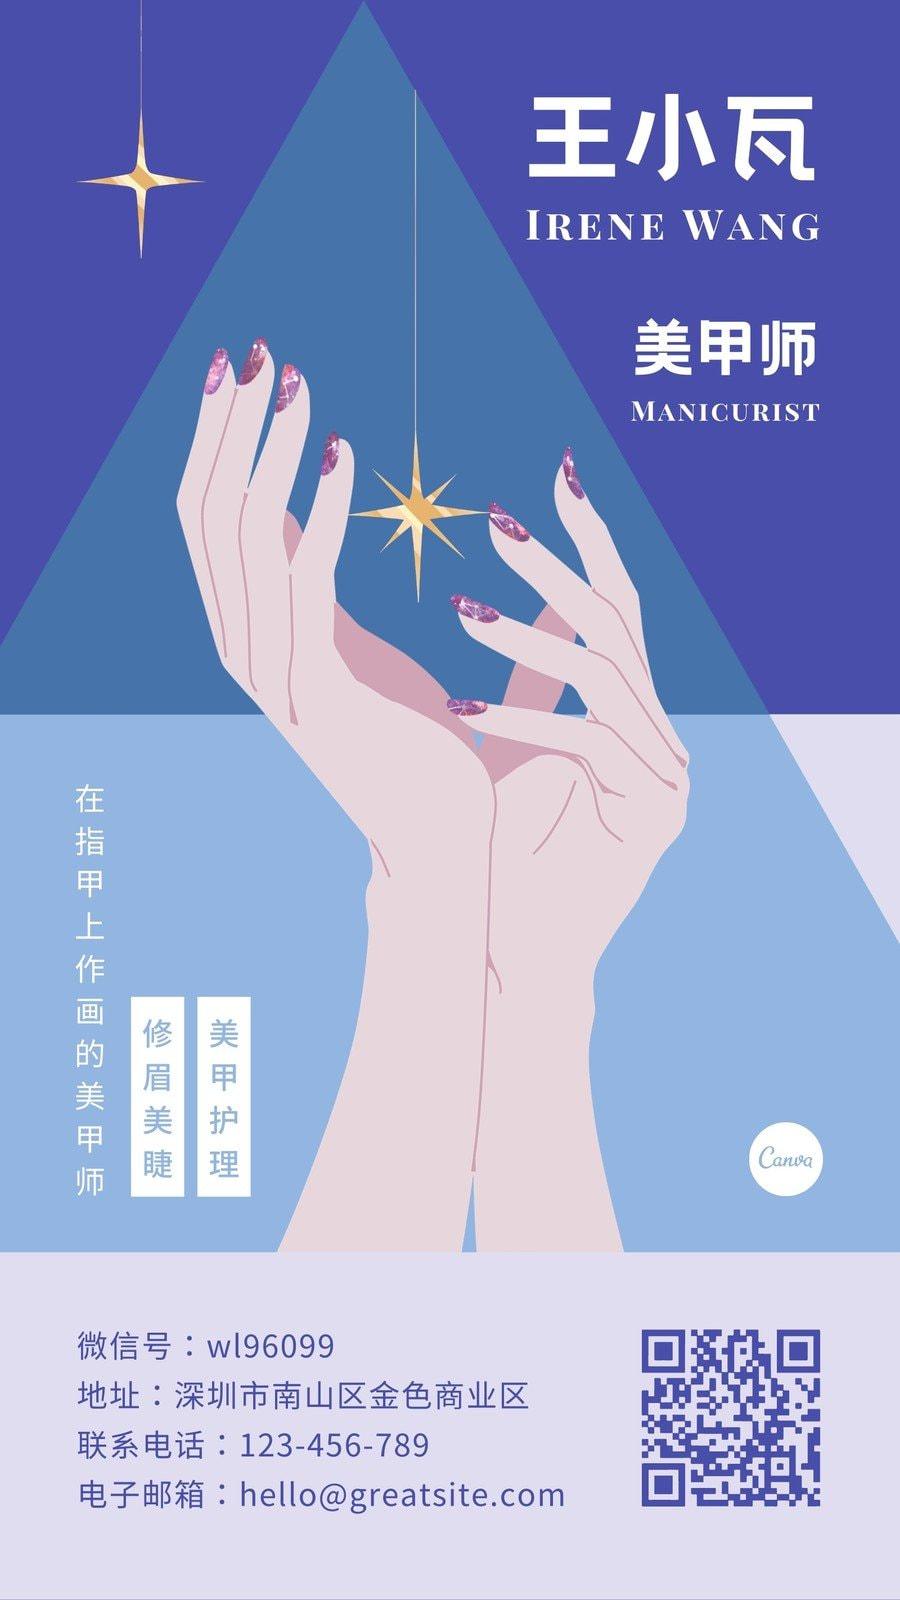 紫蓝色美甲插画几何美甲介绍中文电子名片